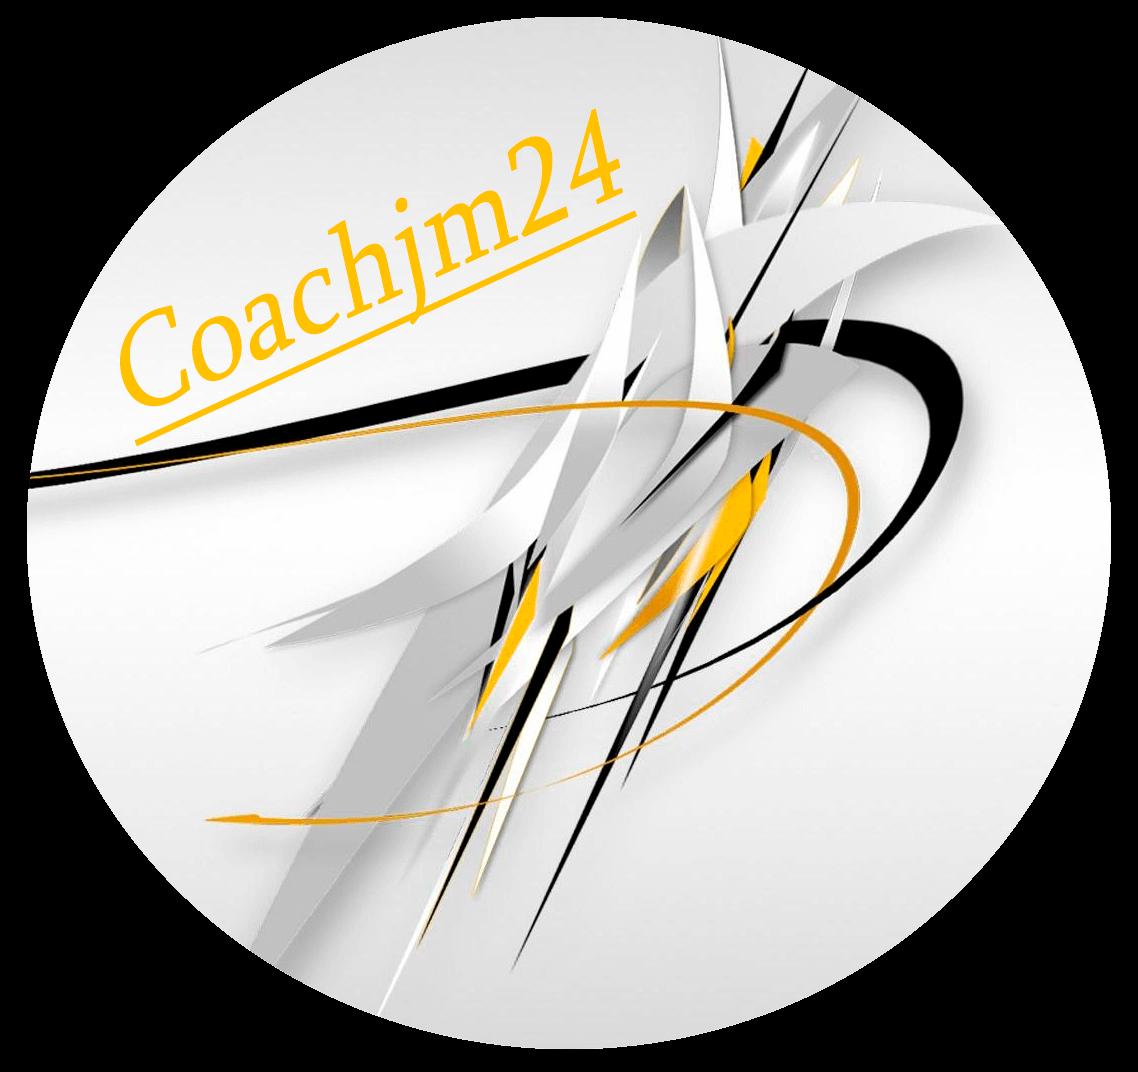 www.coachjm24.com.es